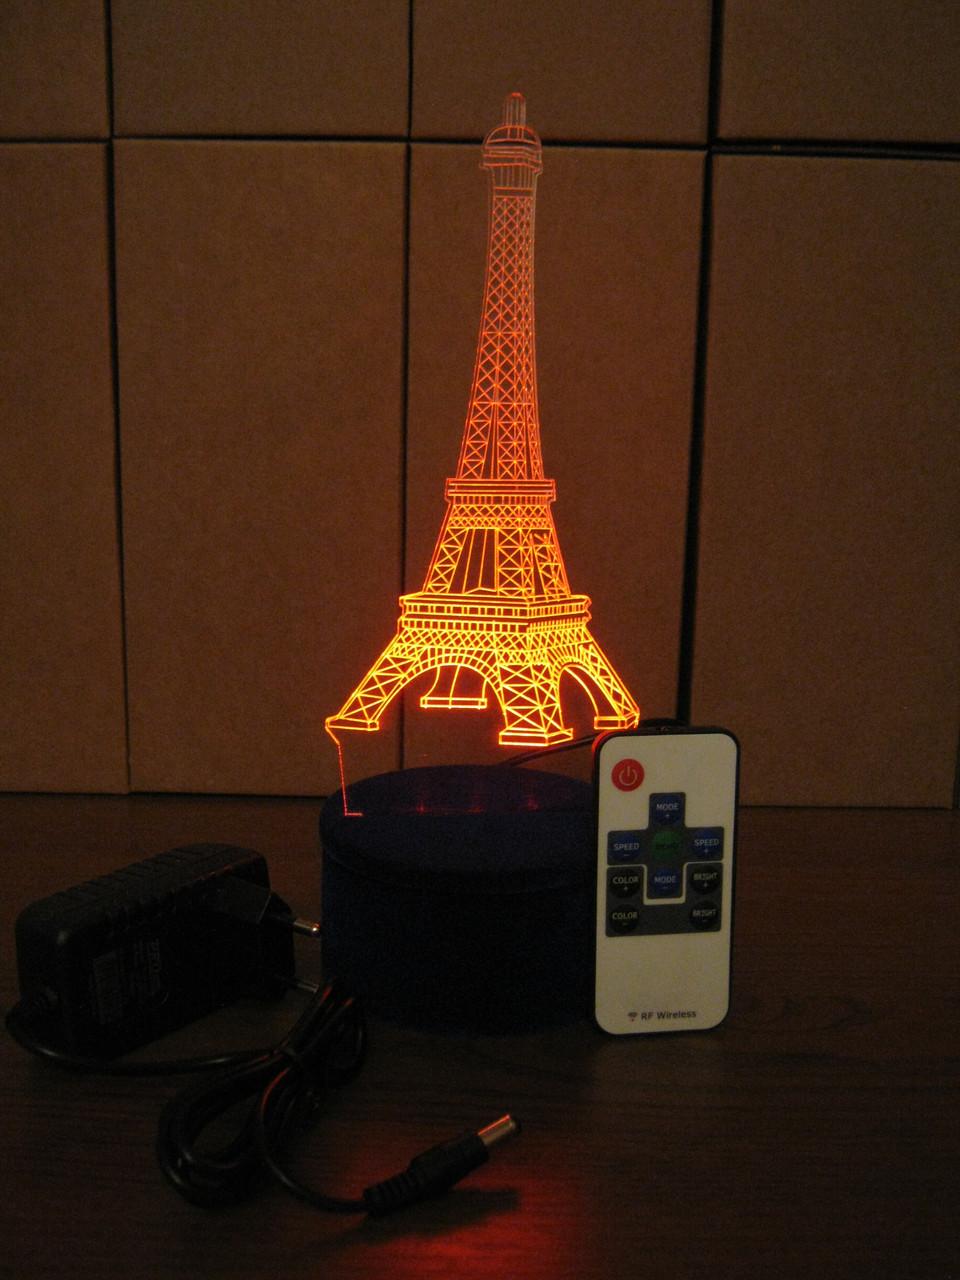 3d-светильник Эйфелева башня, 3д-ночник, несколько подсветок (на пульте), романтический подарок